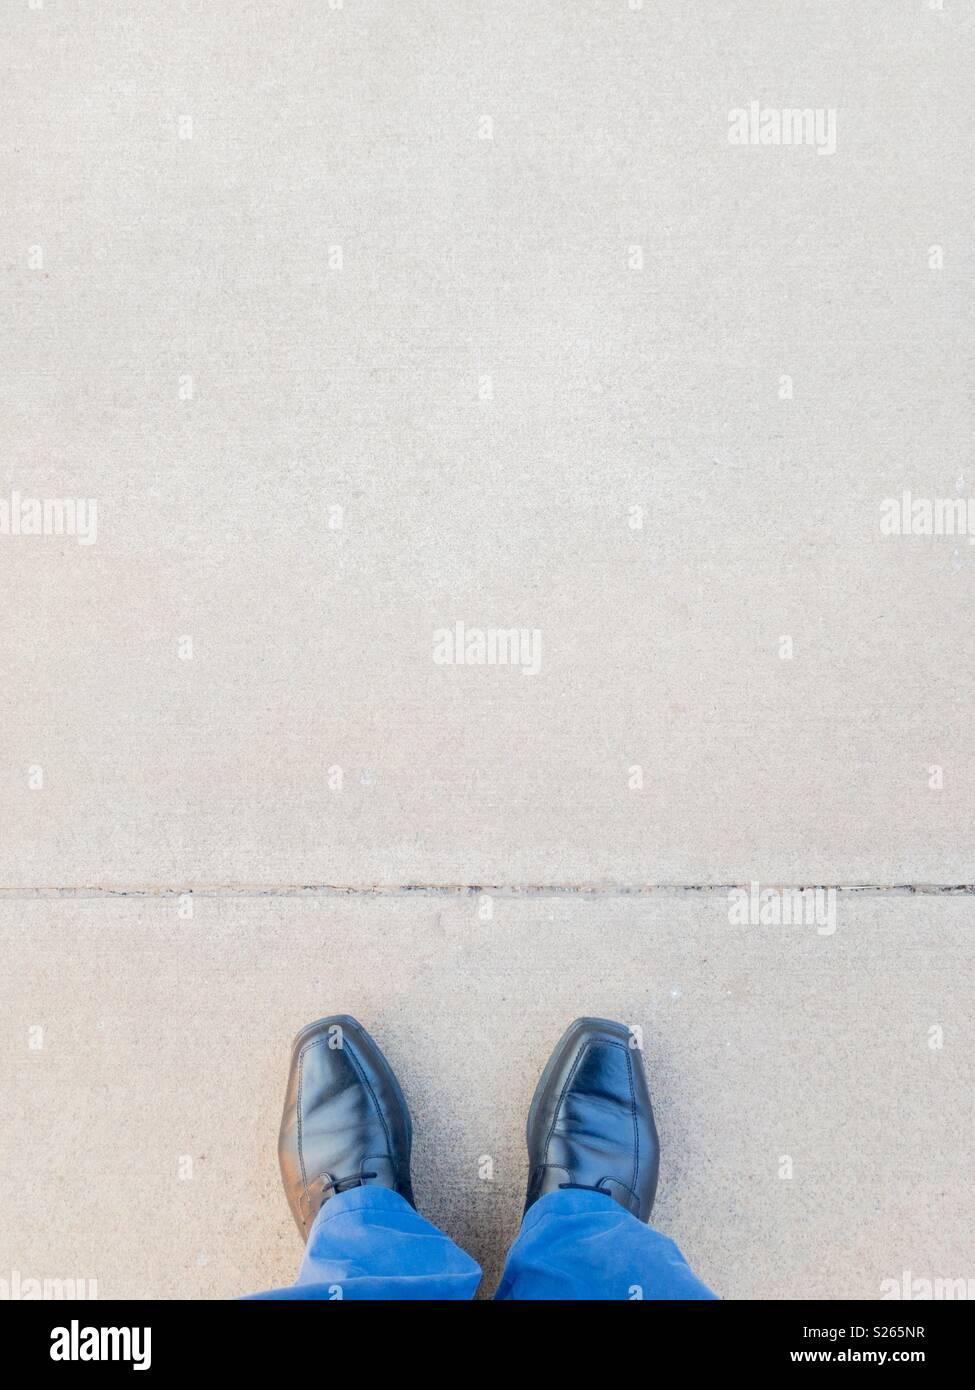 Perspectiva Personal de un hombre de pie delante de una línea trazada en el suelo. Imagen De Stock